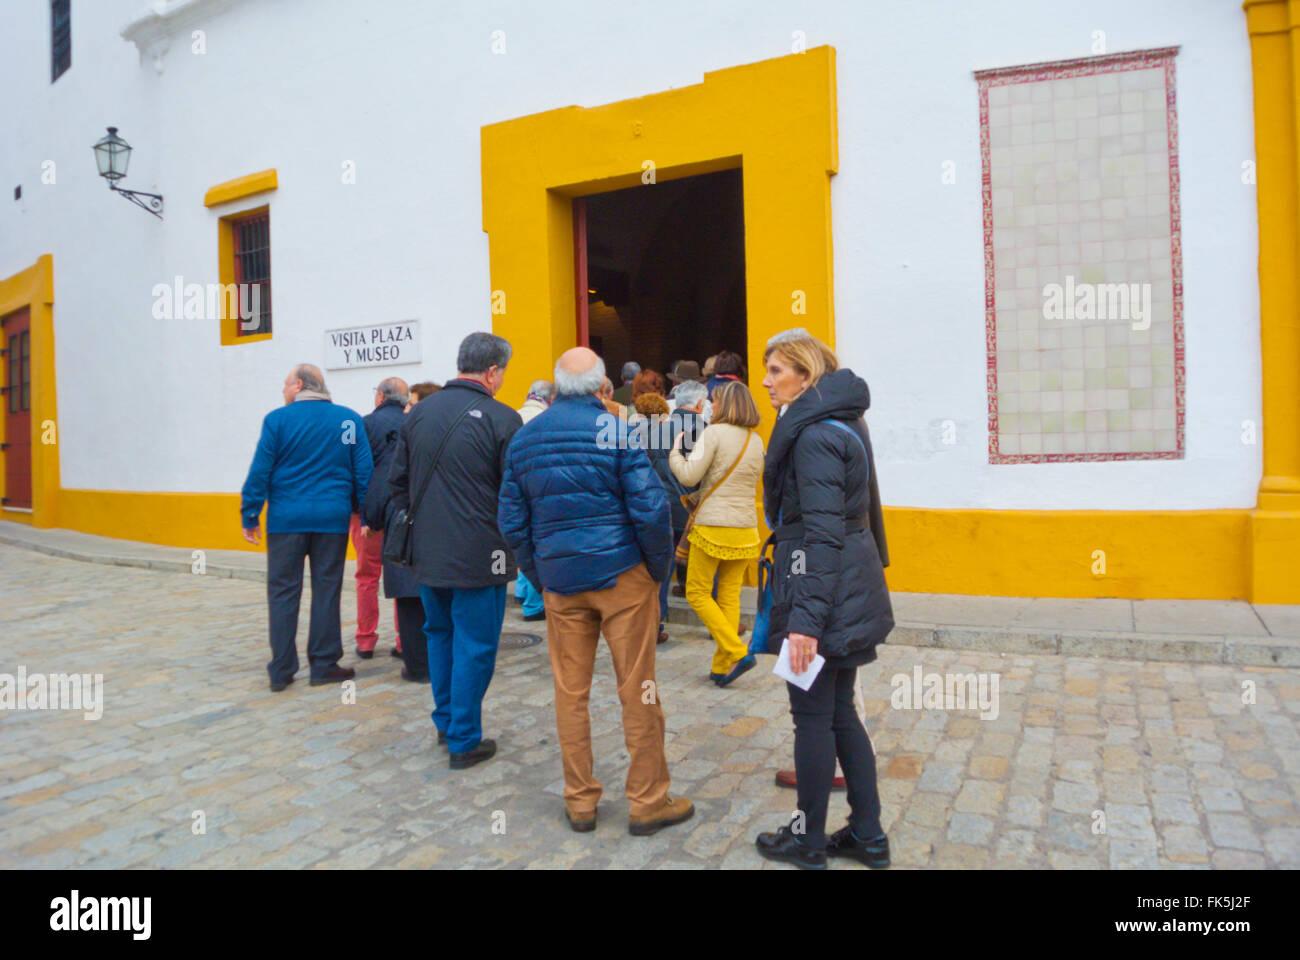 Bullfighting museum, Plaza de toros de la Real Maestranza de Caballería, Sevilla, Andalucia, Spain - Stock Image